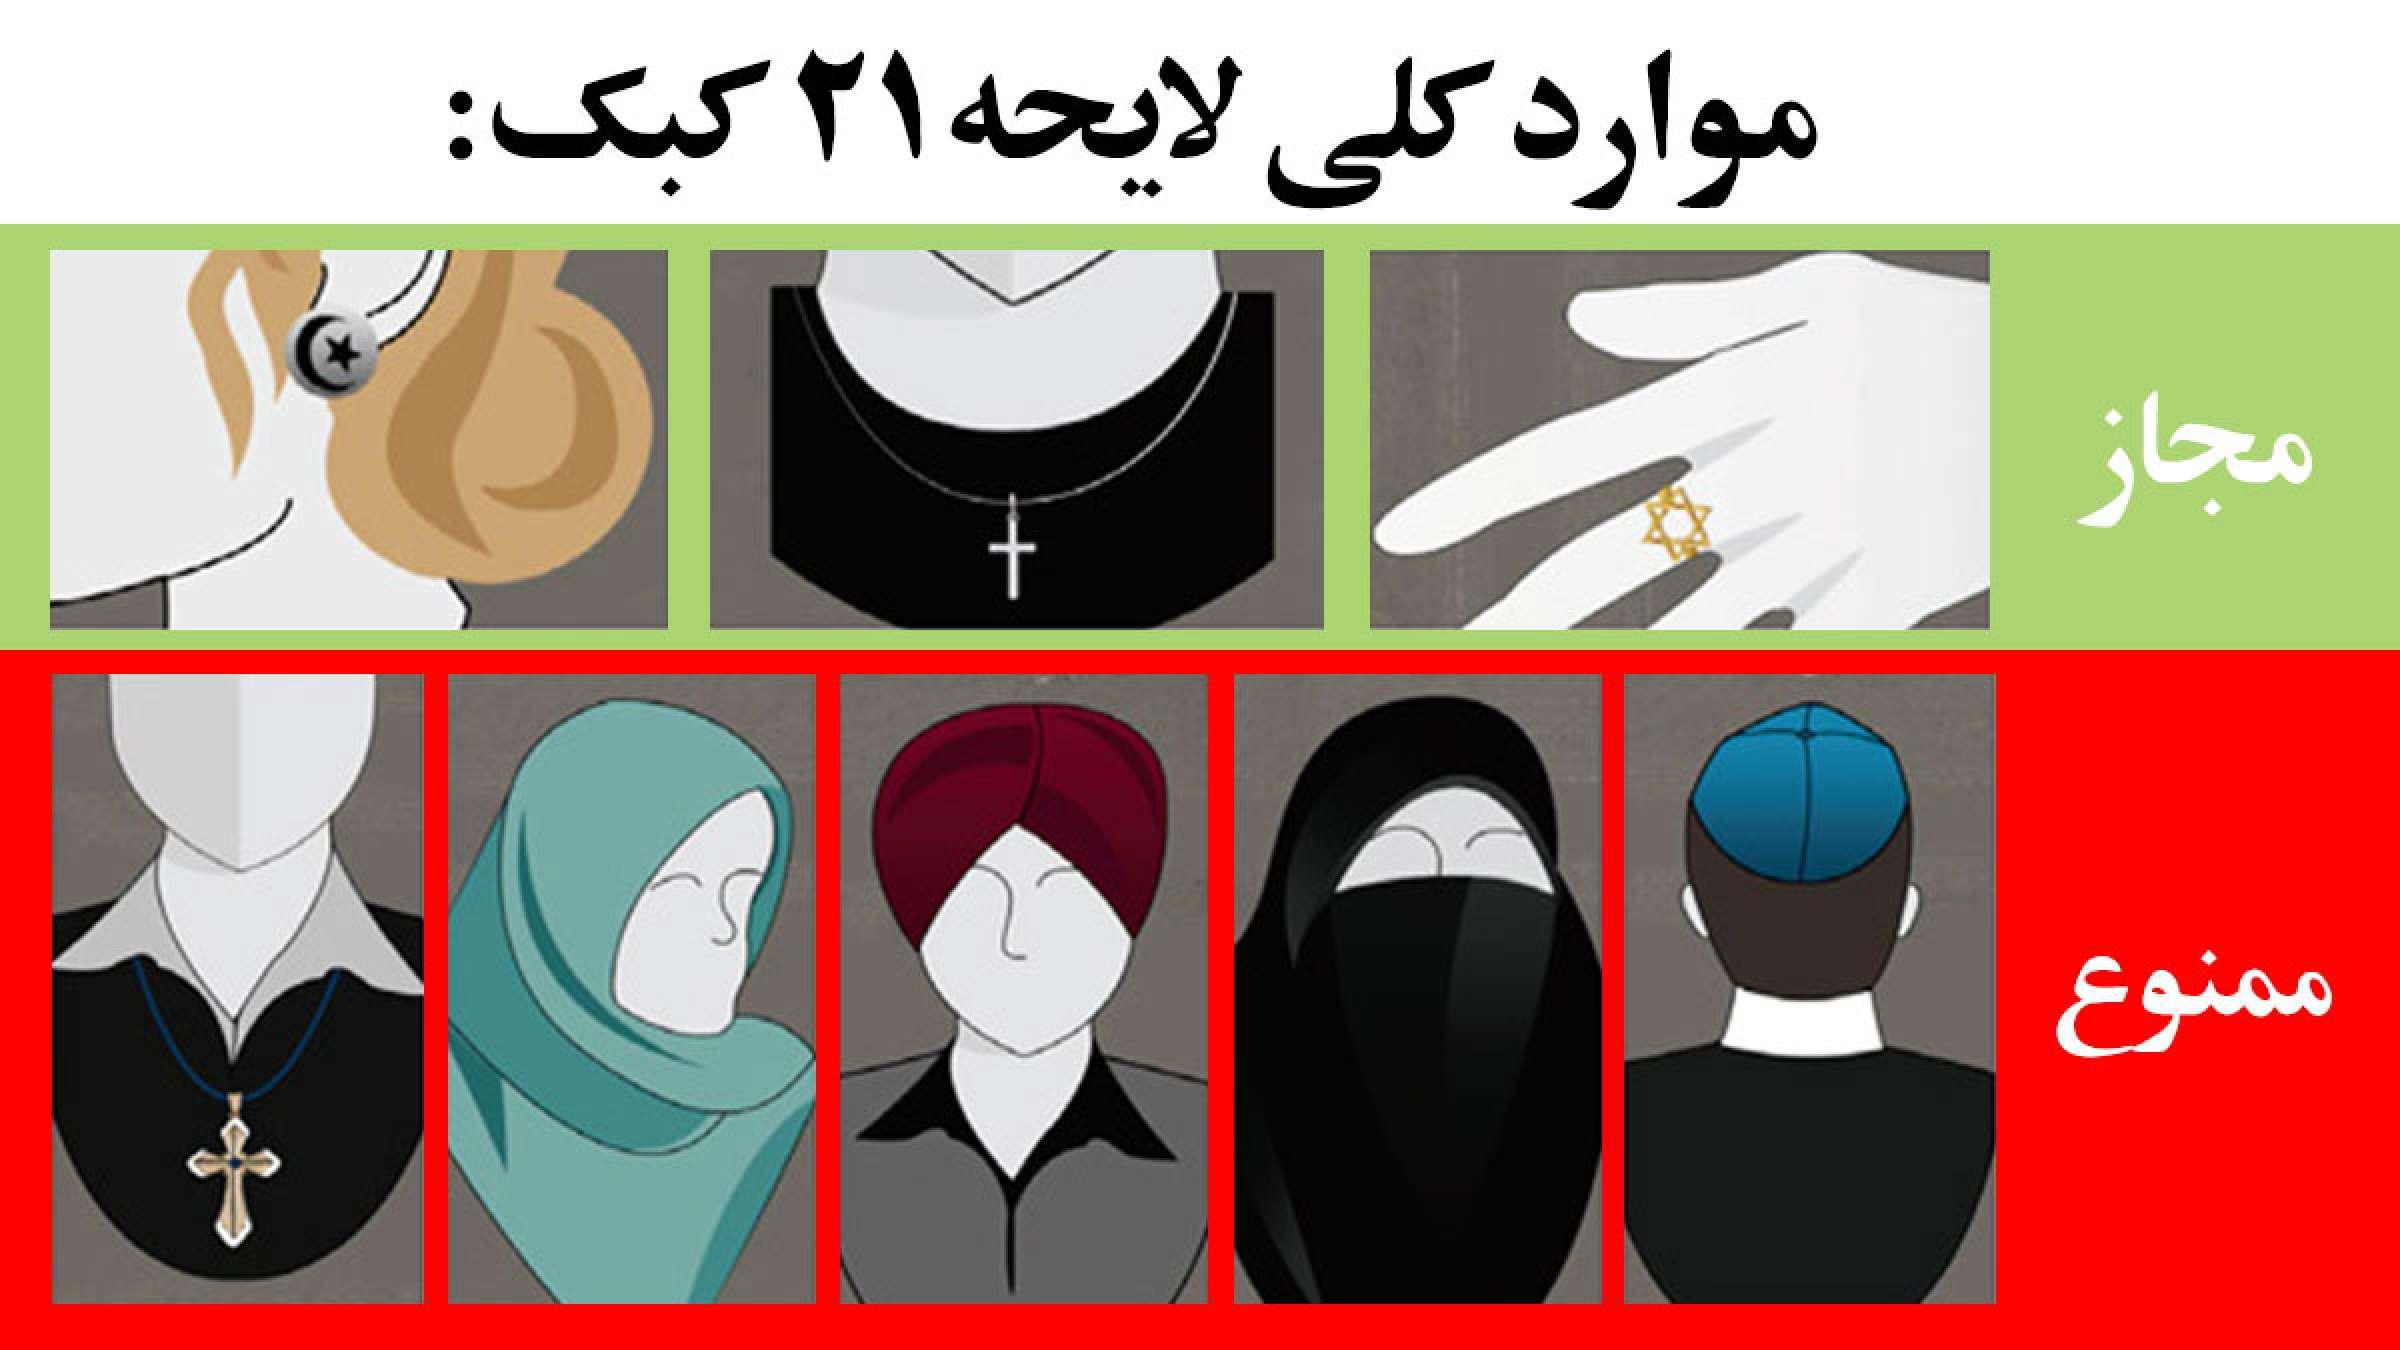 اخبار-کبک-حکم-دادگاه-عالی-کبک-همه-را-معترض-کرد-قانون-ضد-حجاب-درست-است-مگر-در-مدارس-انگلیسی